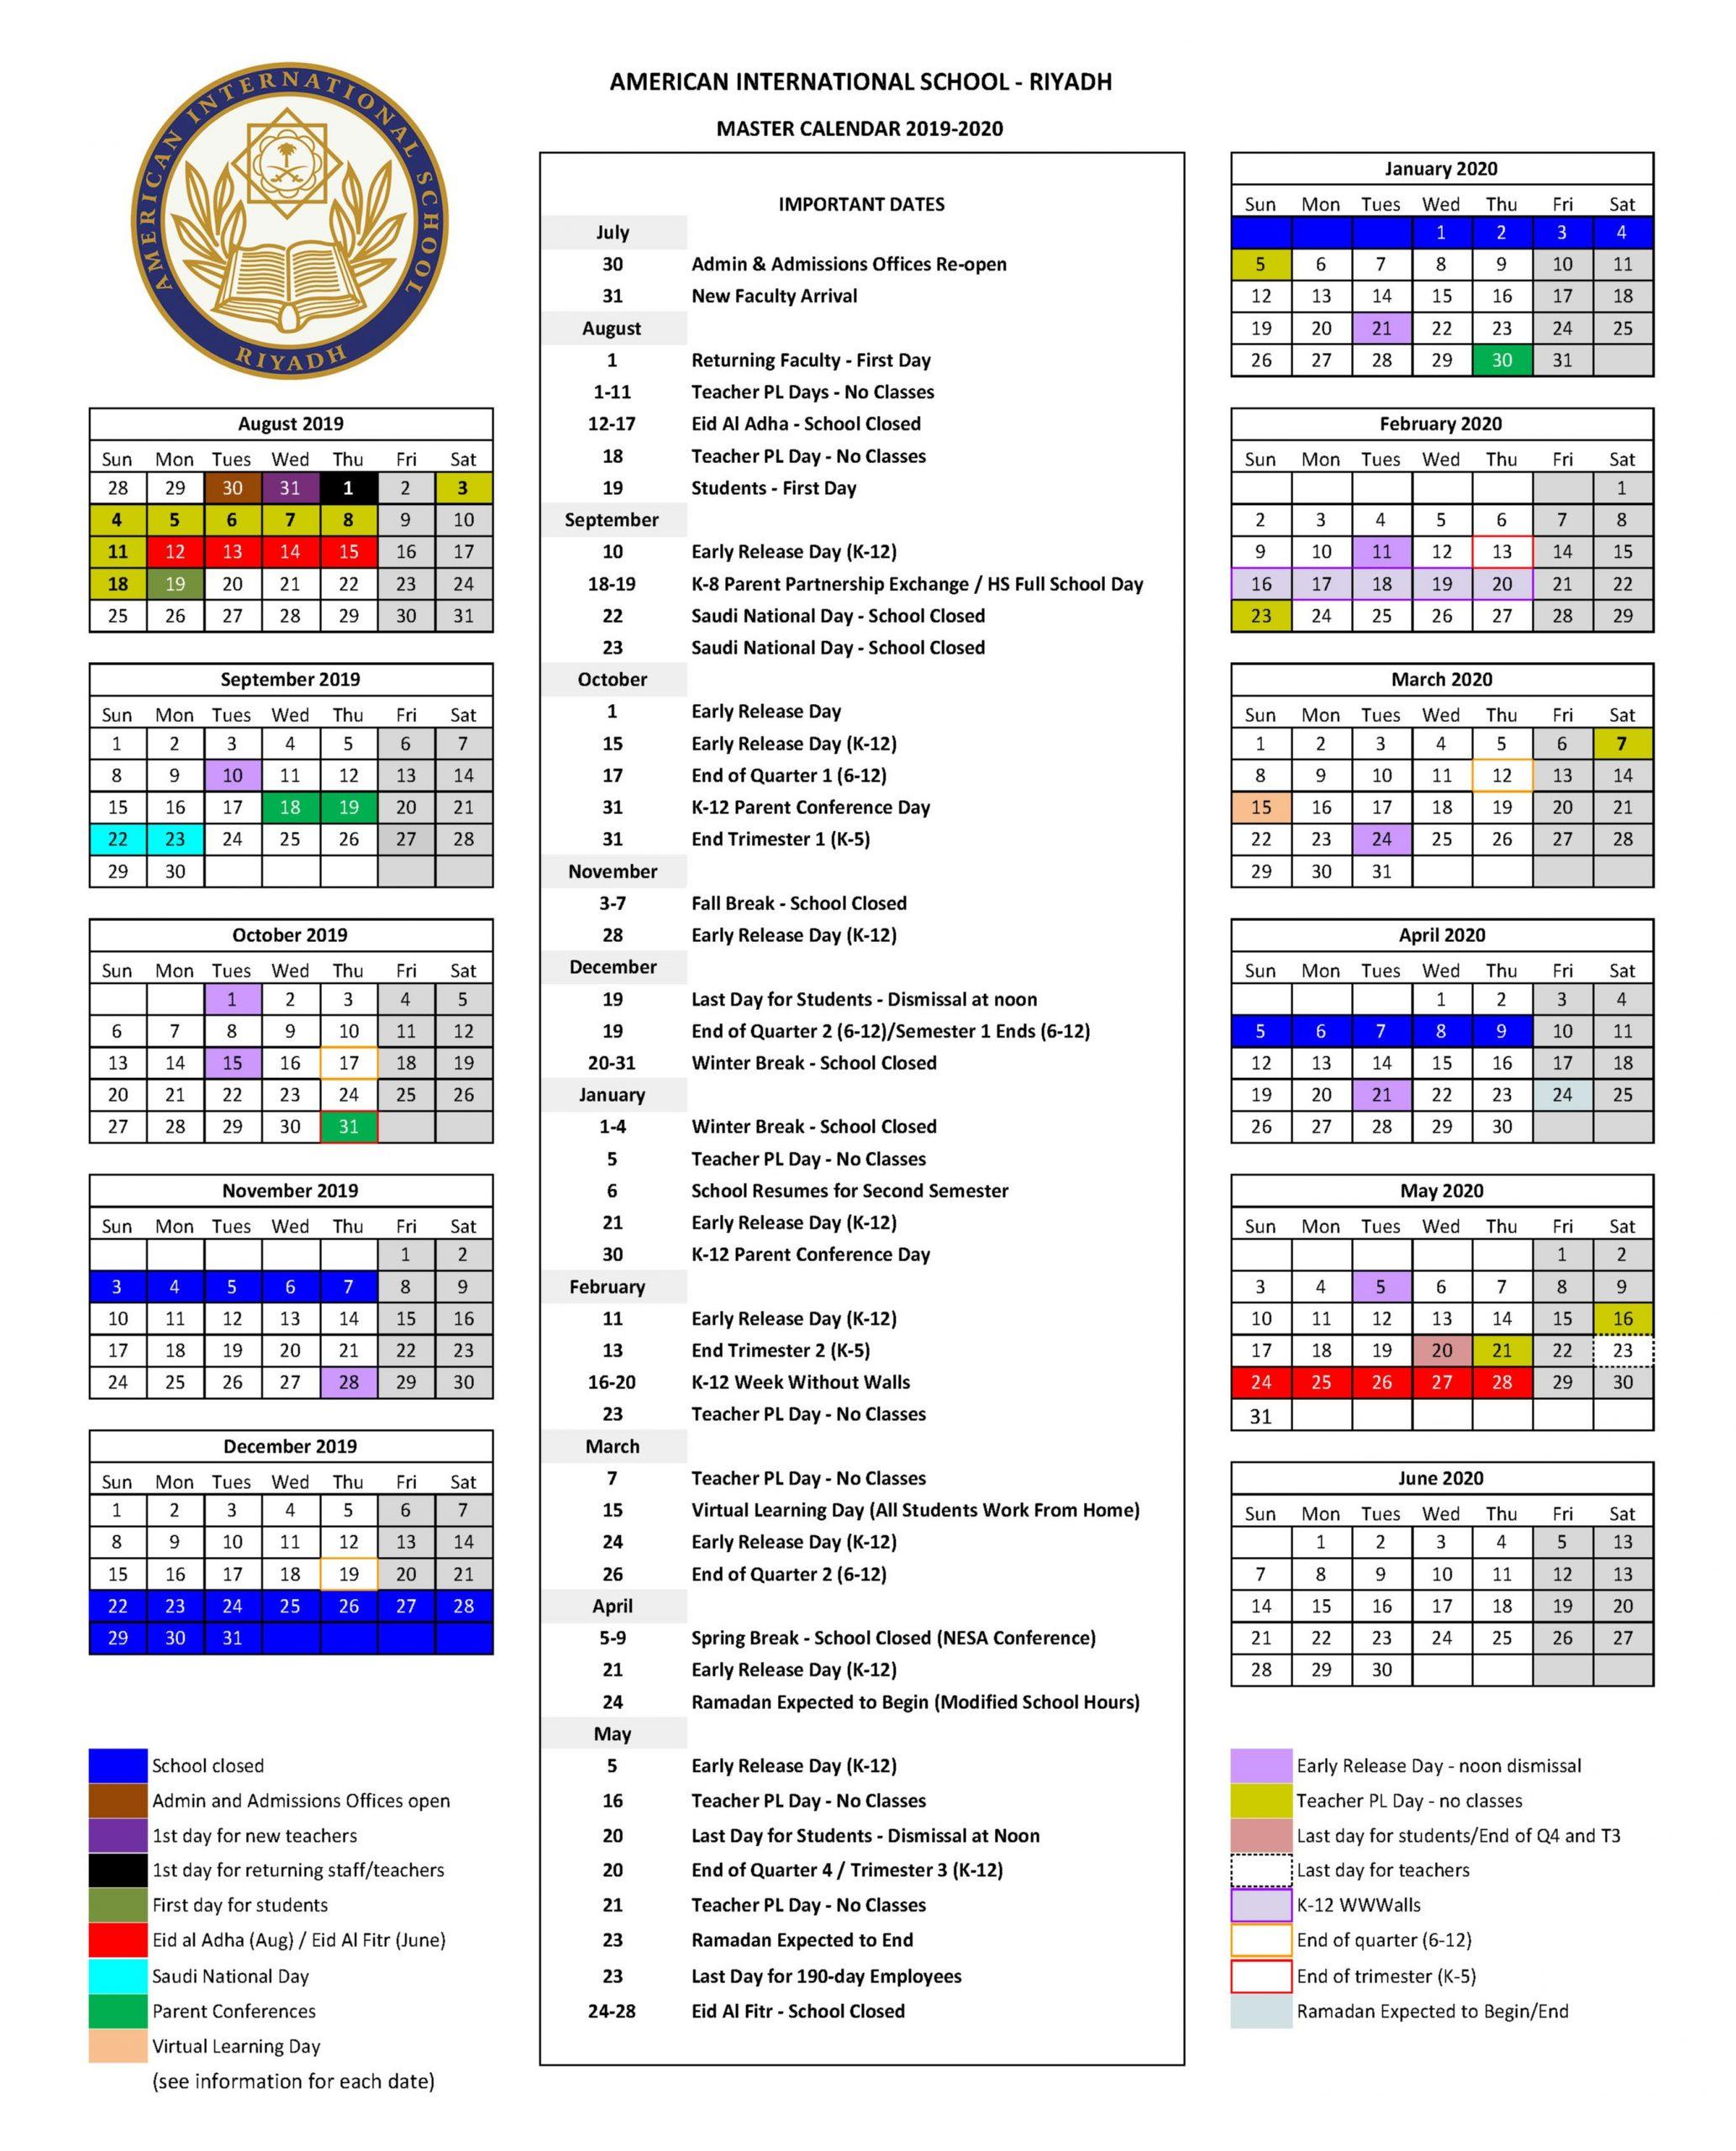 American International School, Riyadh: Calendar